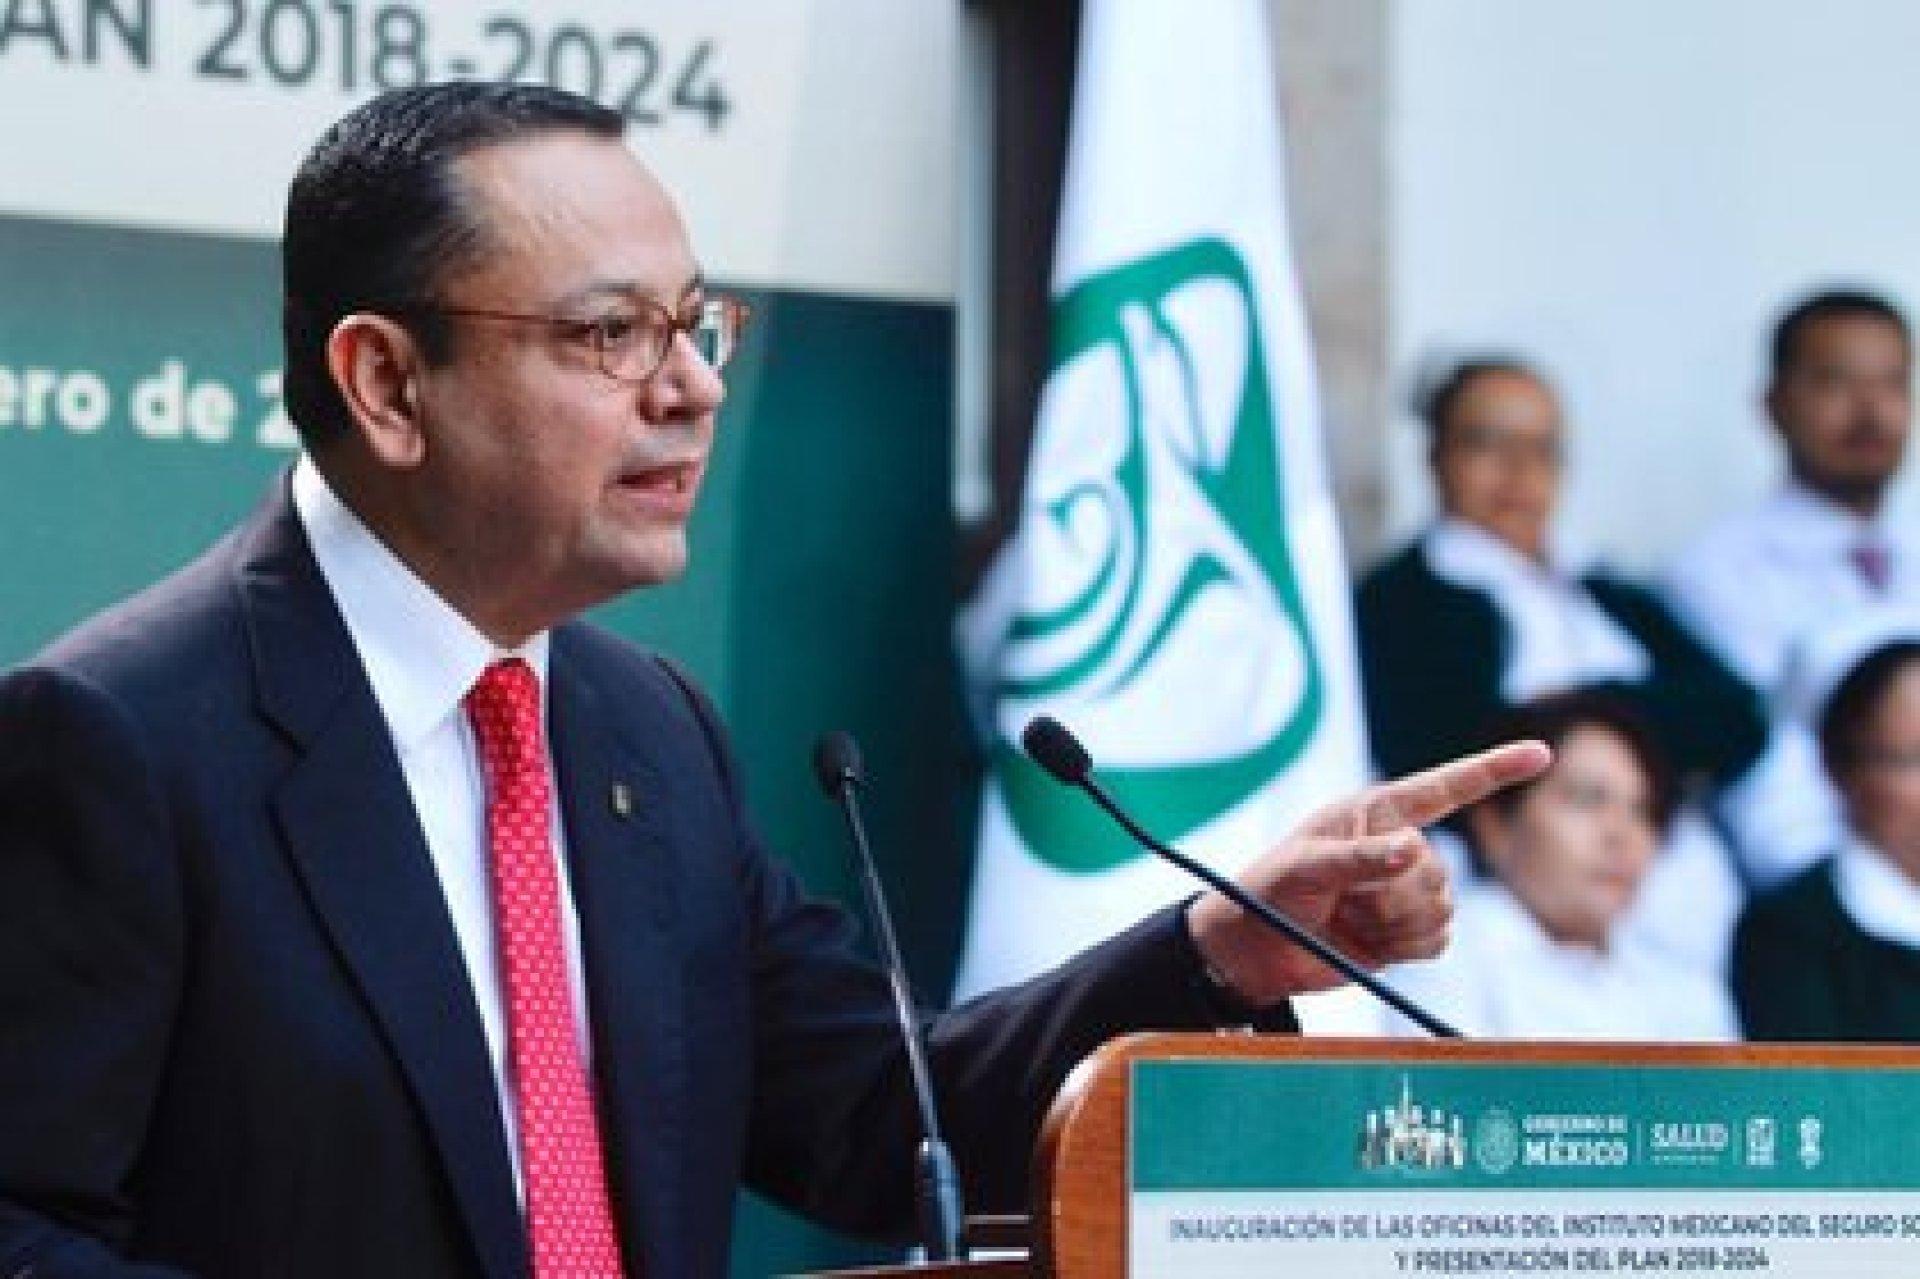 Germán Martínez renunció como director general del IMSS (Foto: Archivo)